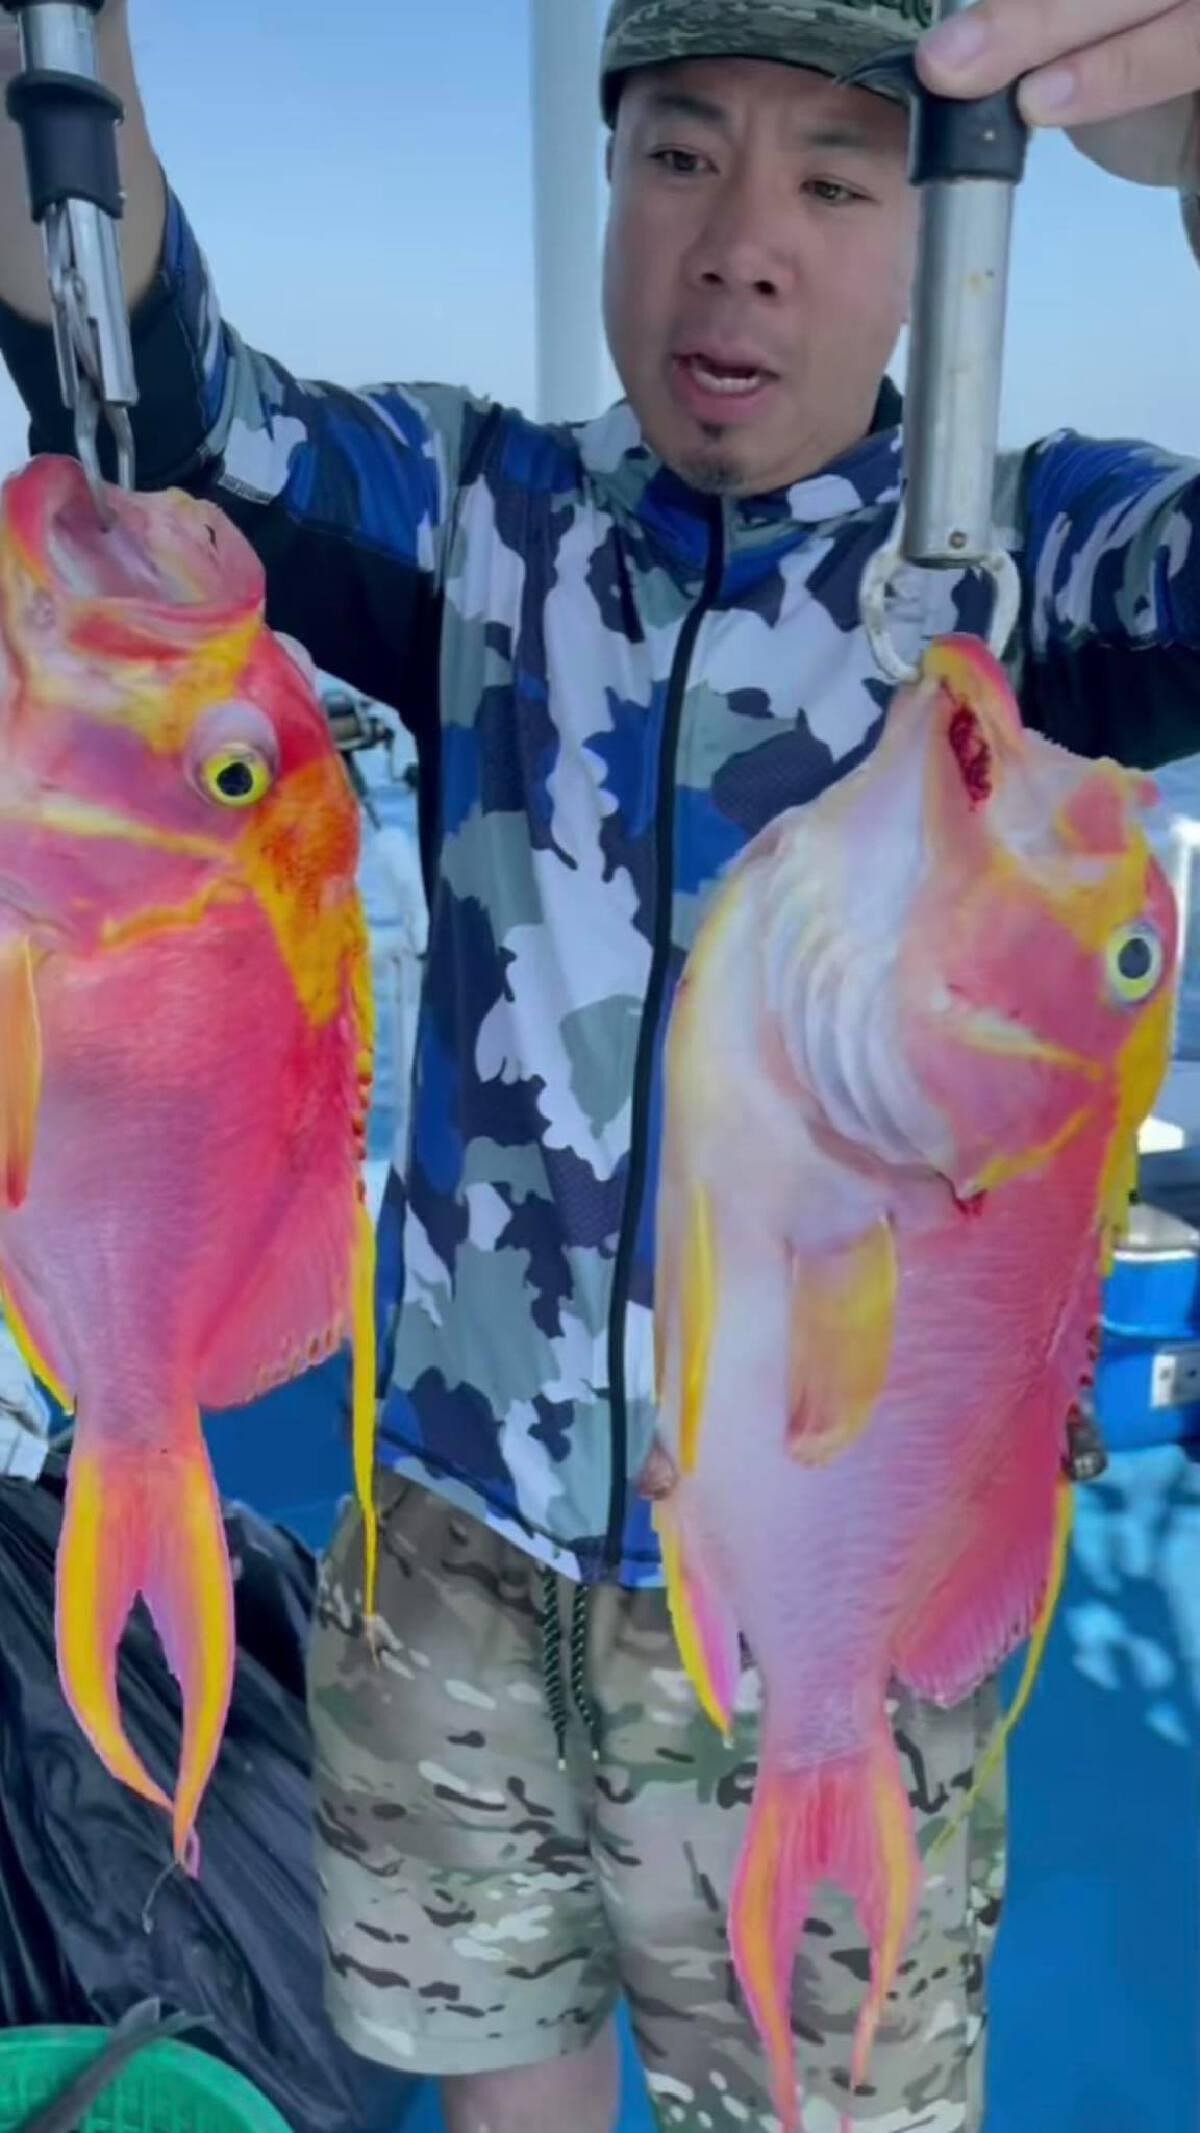 ดีเจภูมิ ชี้แจงดราม่าตกปลาสีสันสวยงาม ชาวเน็ตแซะควรอนุรักษ์ไม่ควรกิน